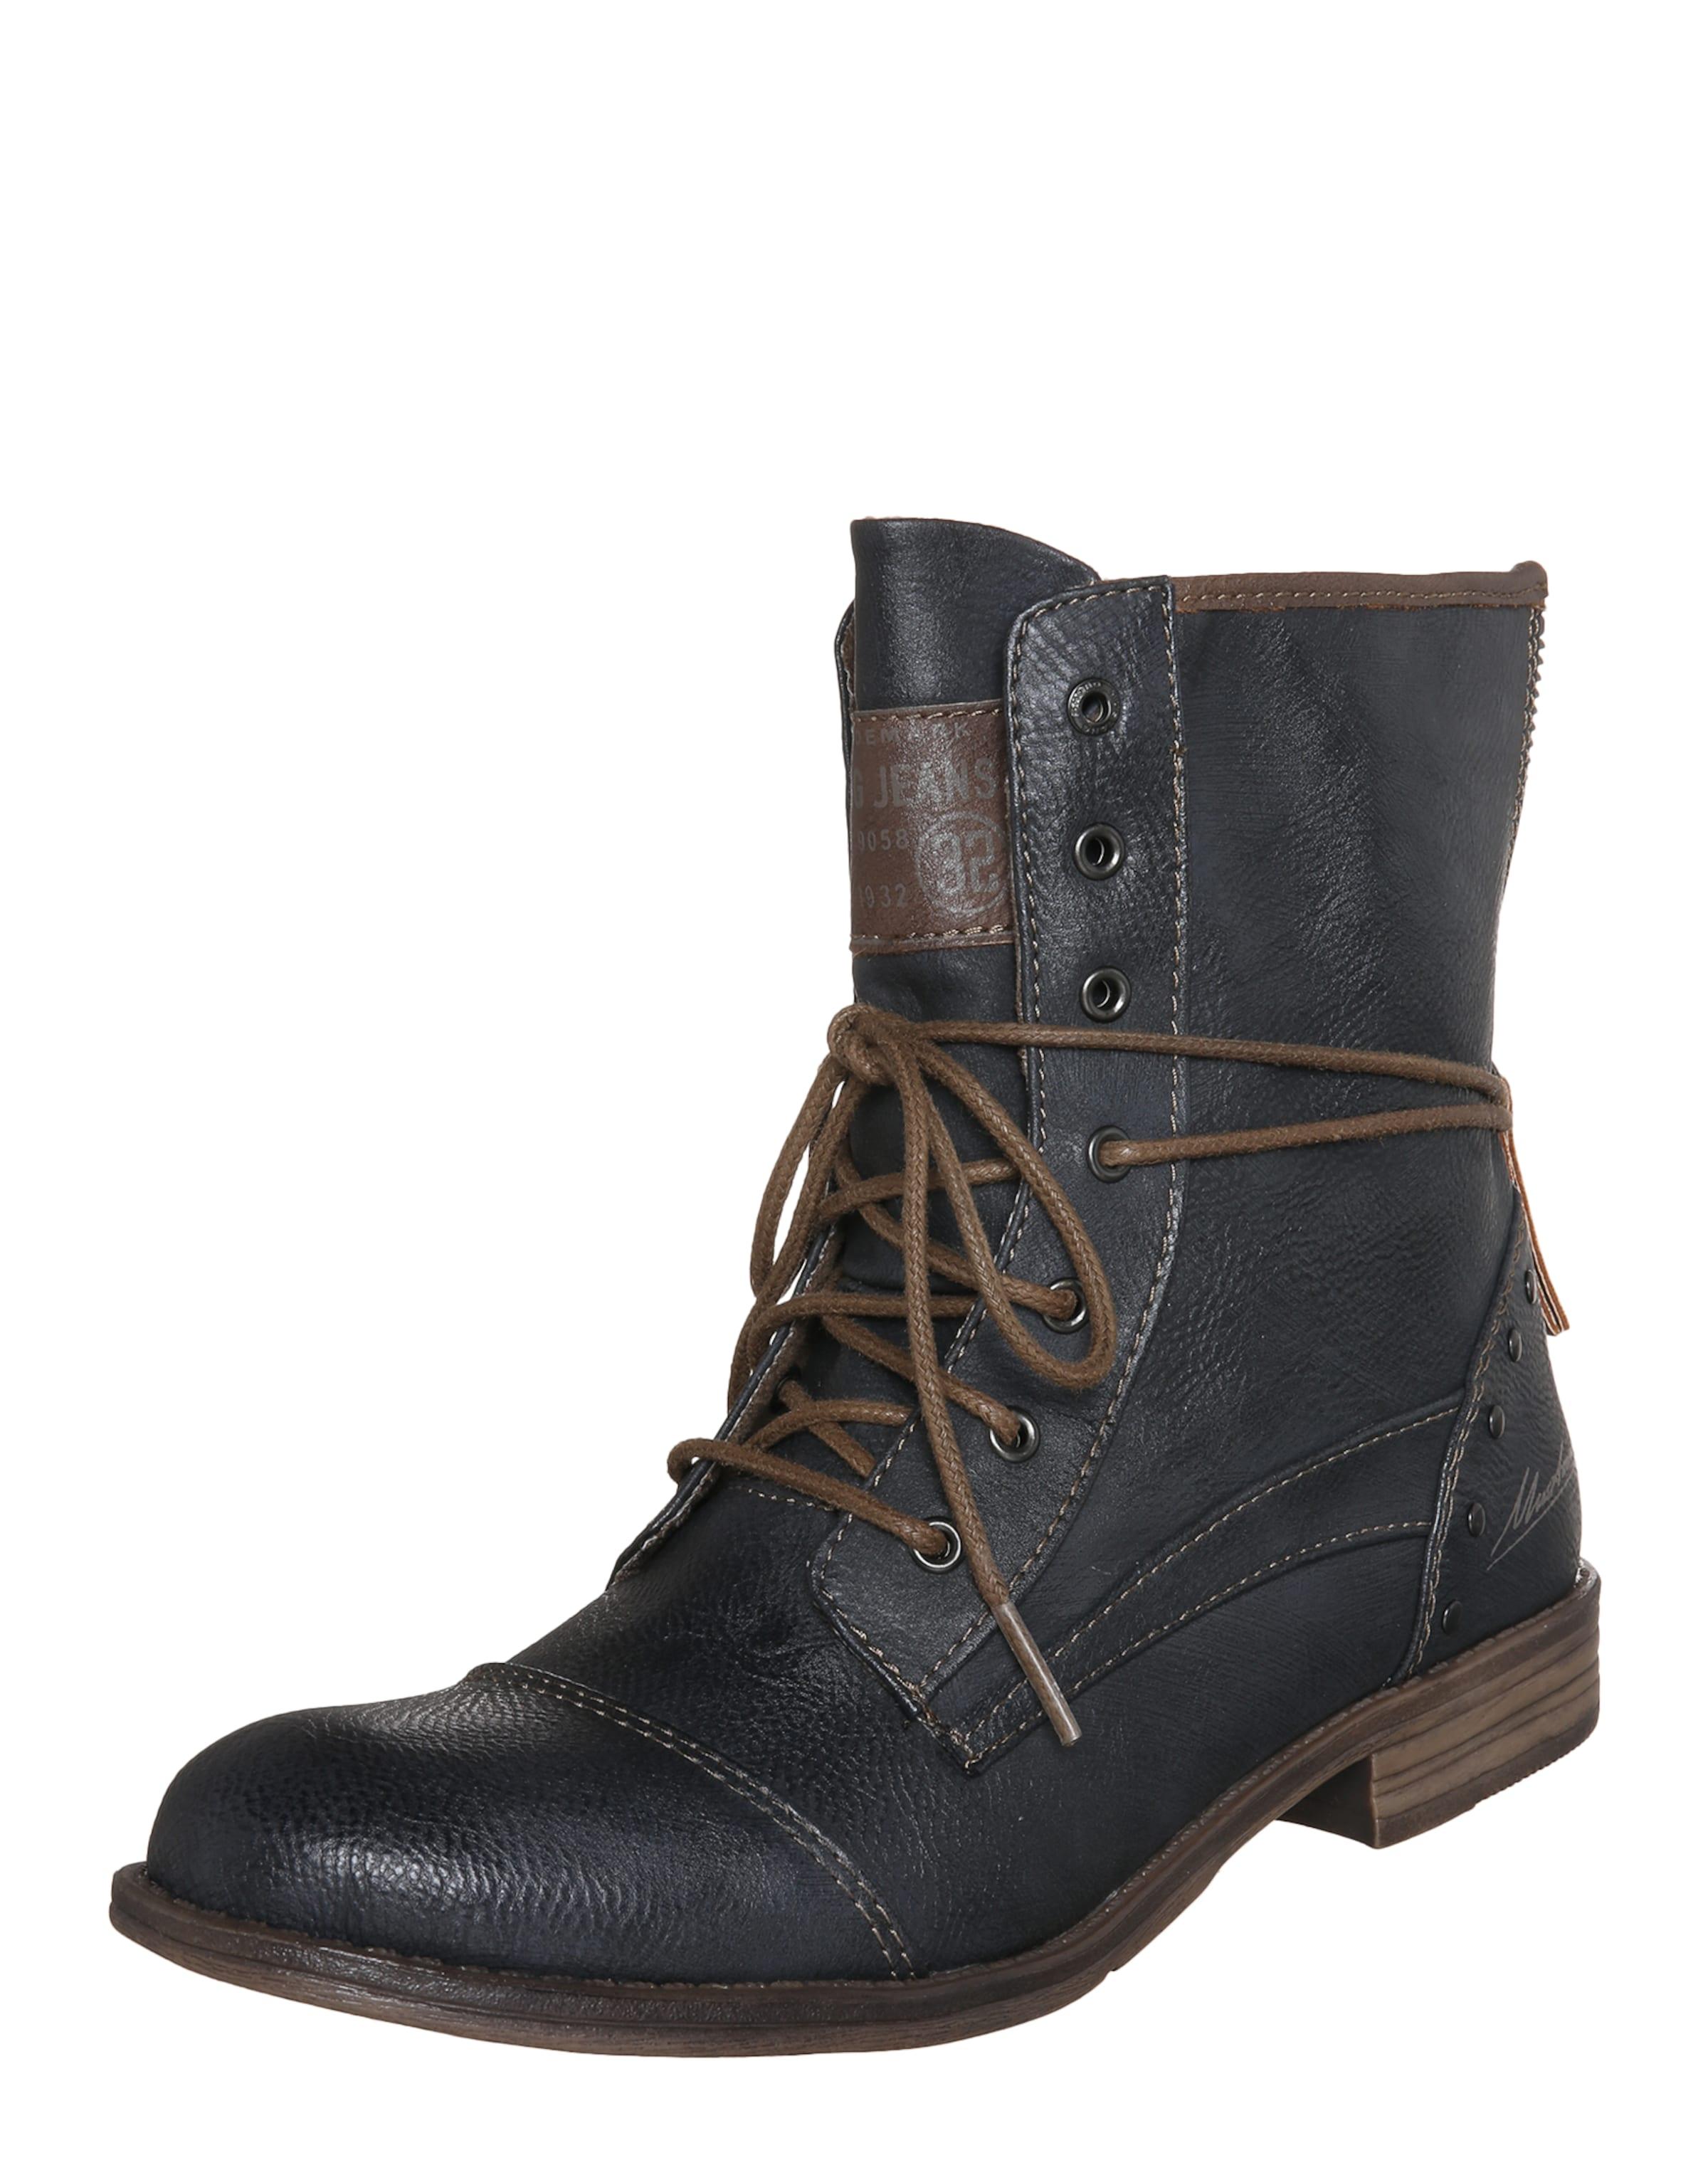 MUSTANG Schnürstiefelette Verschleißfeste Schuhe billige Schuhe Verschleißfeste Hohe Qualität 1a0703